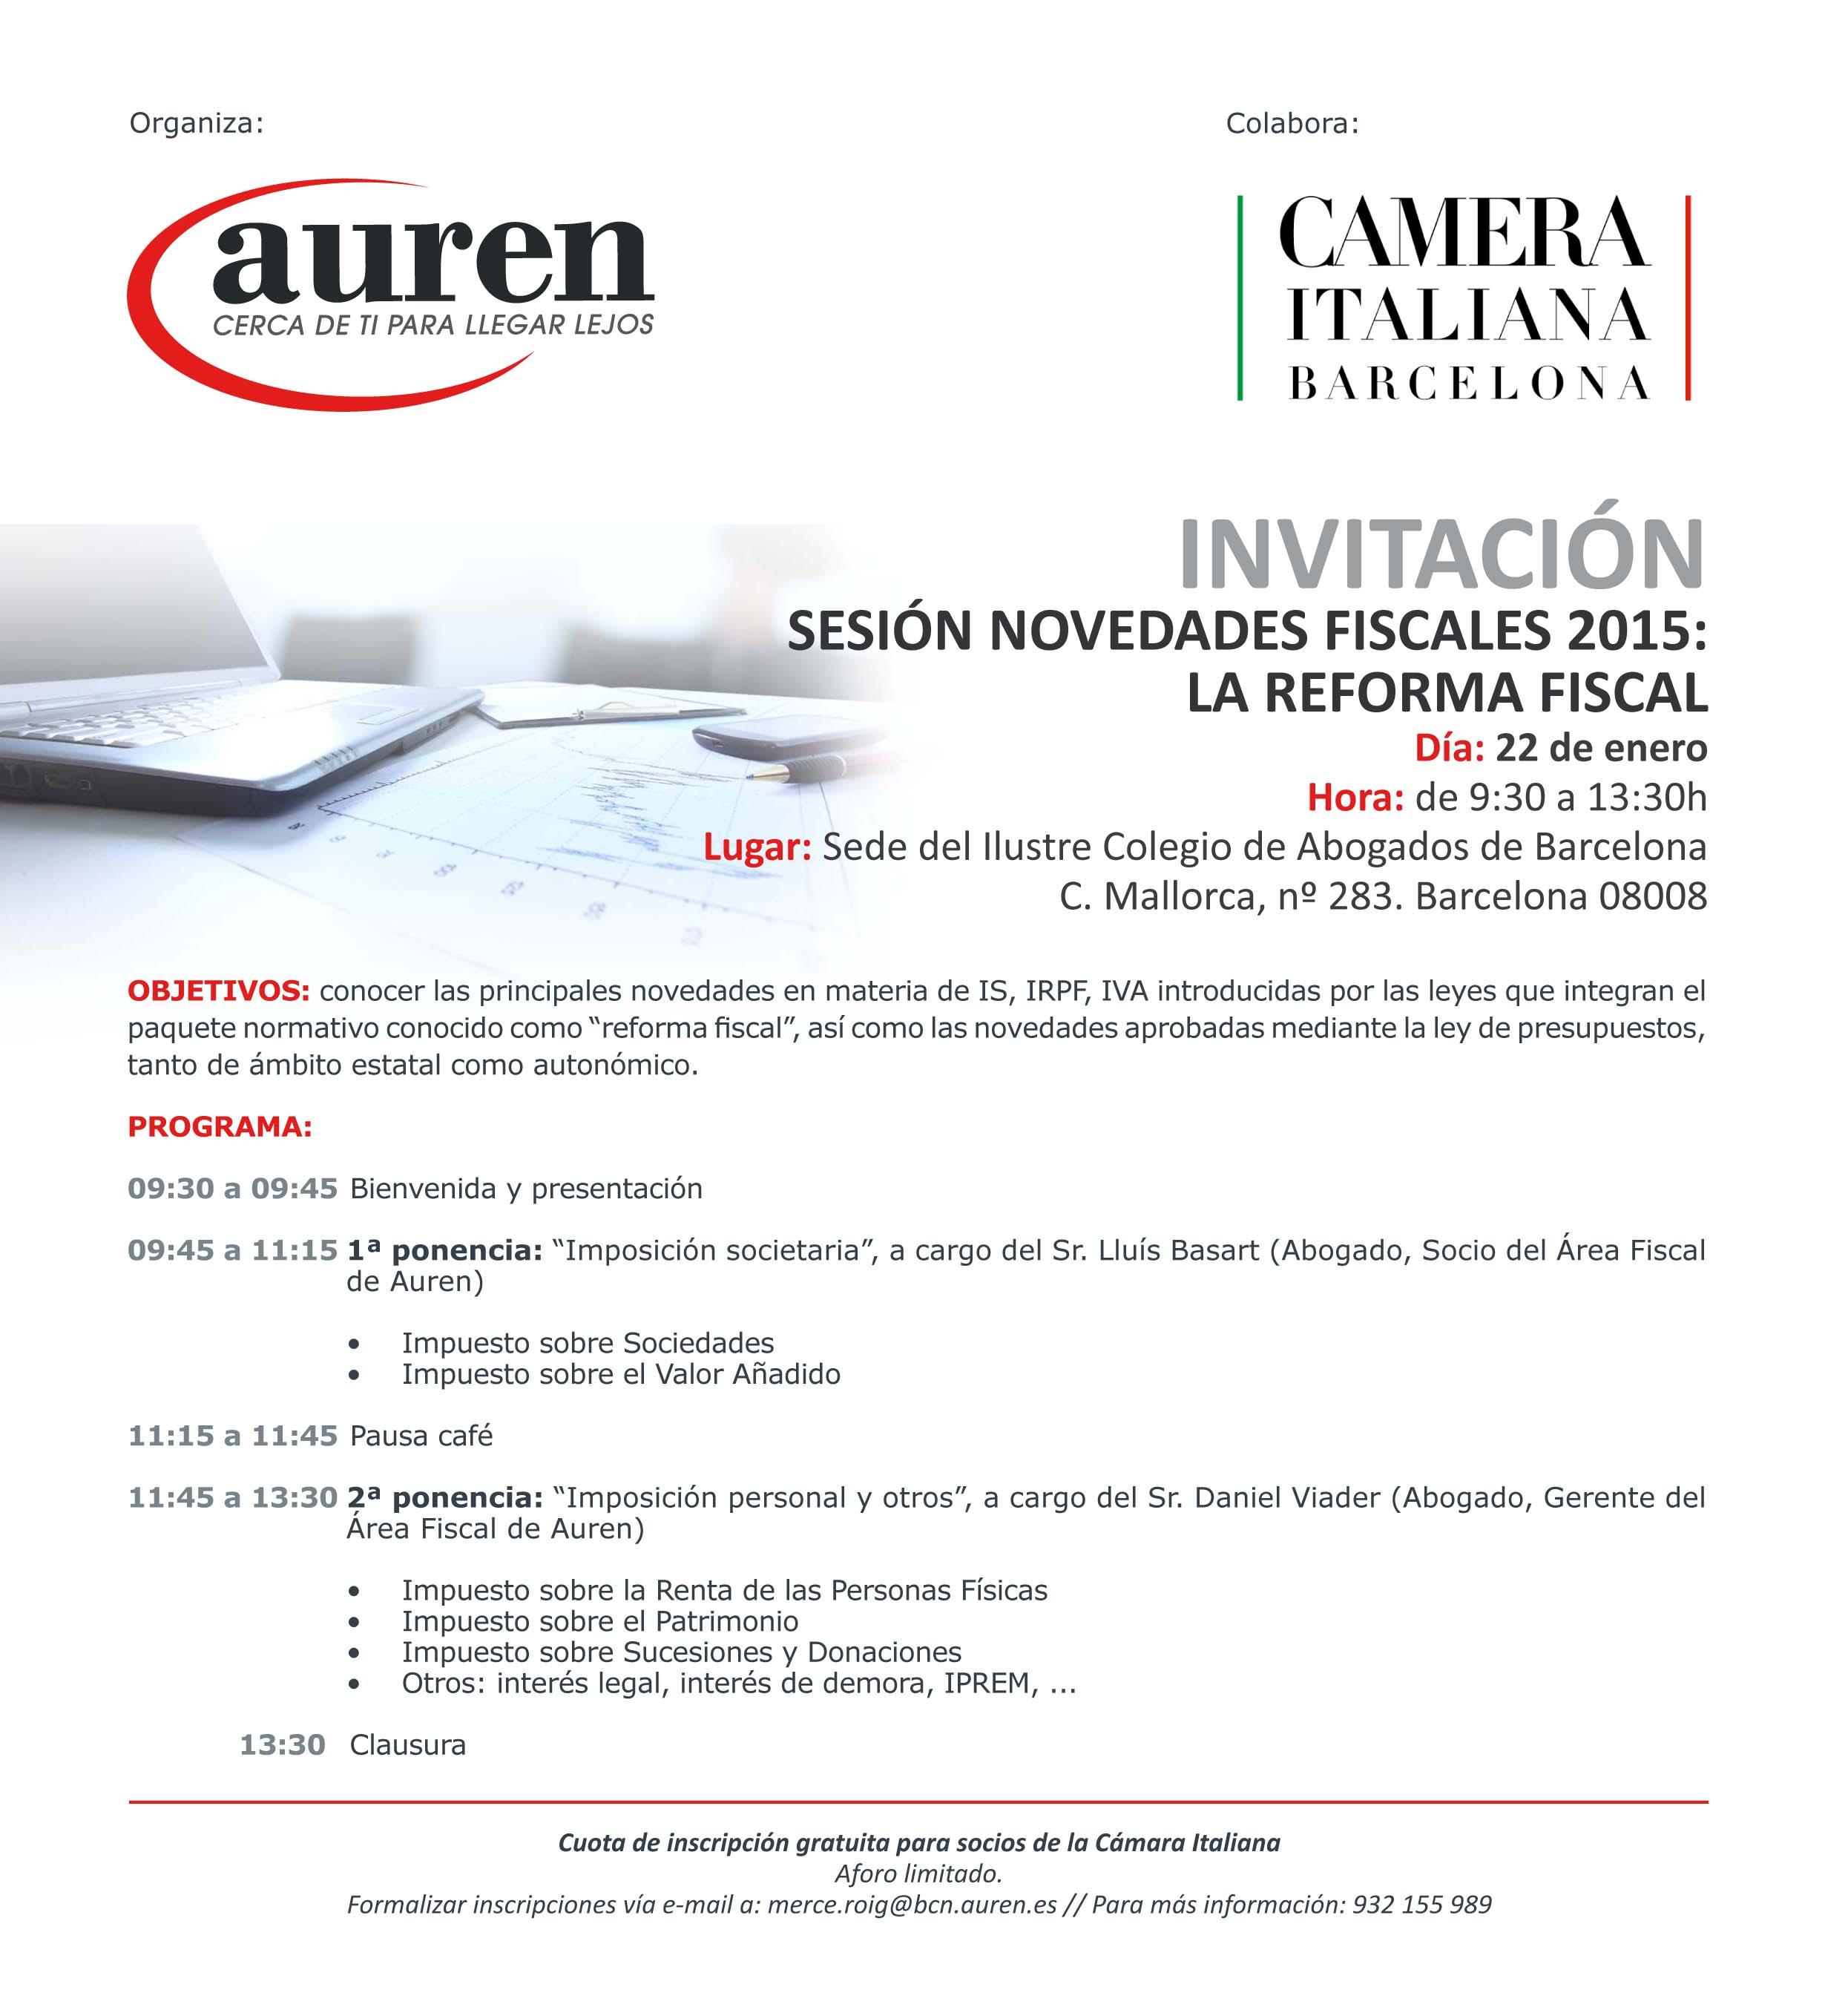 invitacc3b3n-reforma-fiscal-2015_camara-italiana